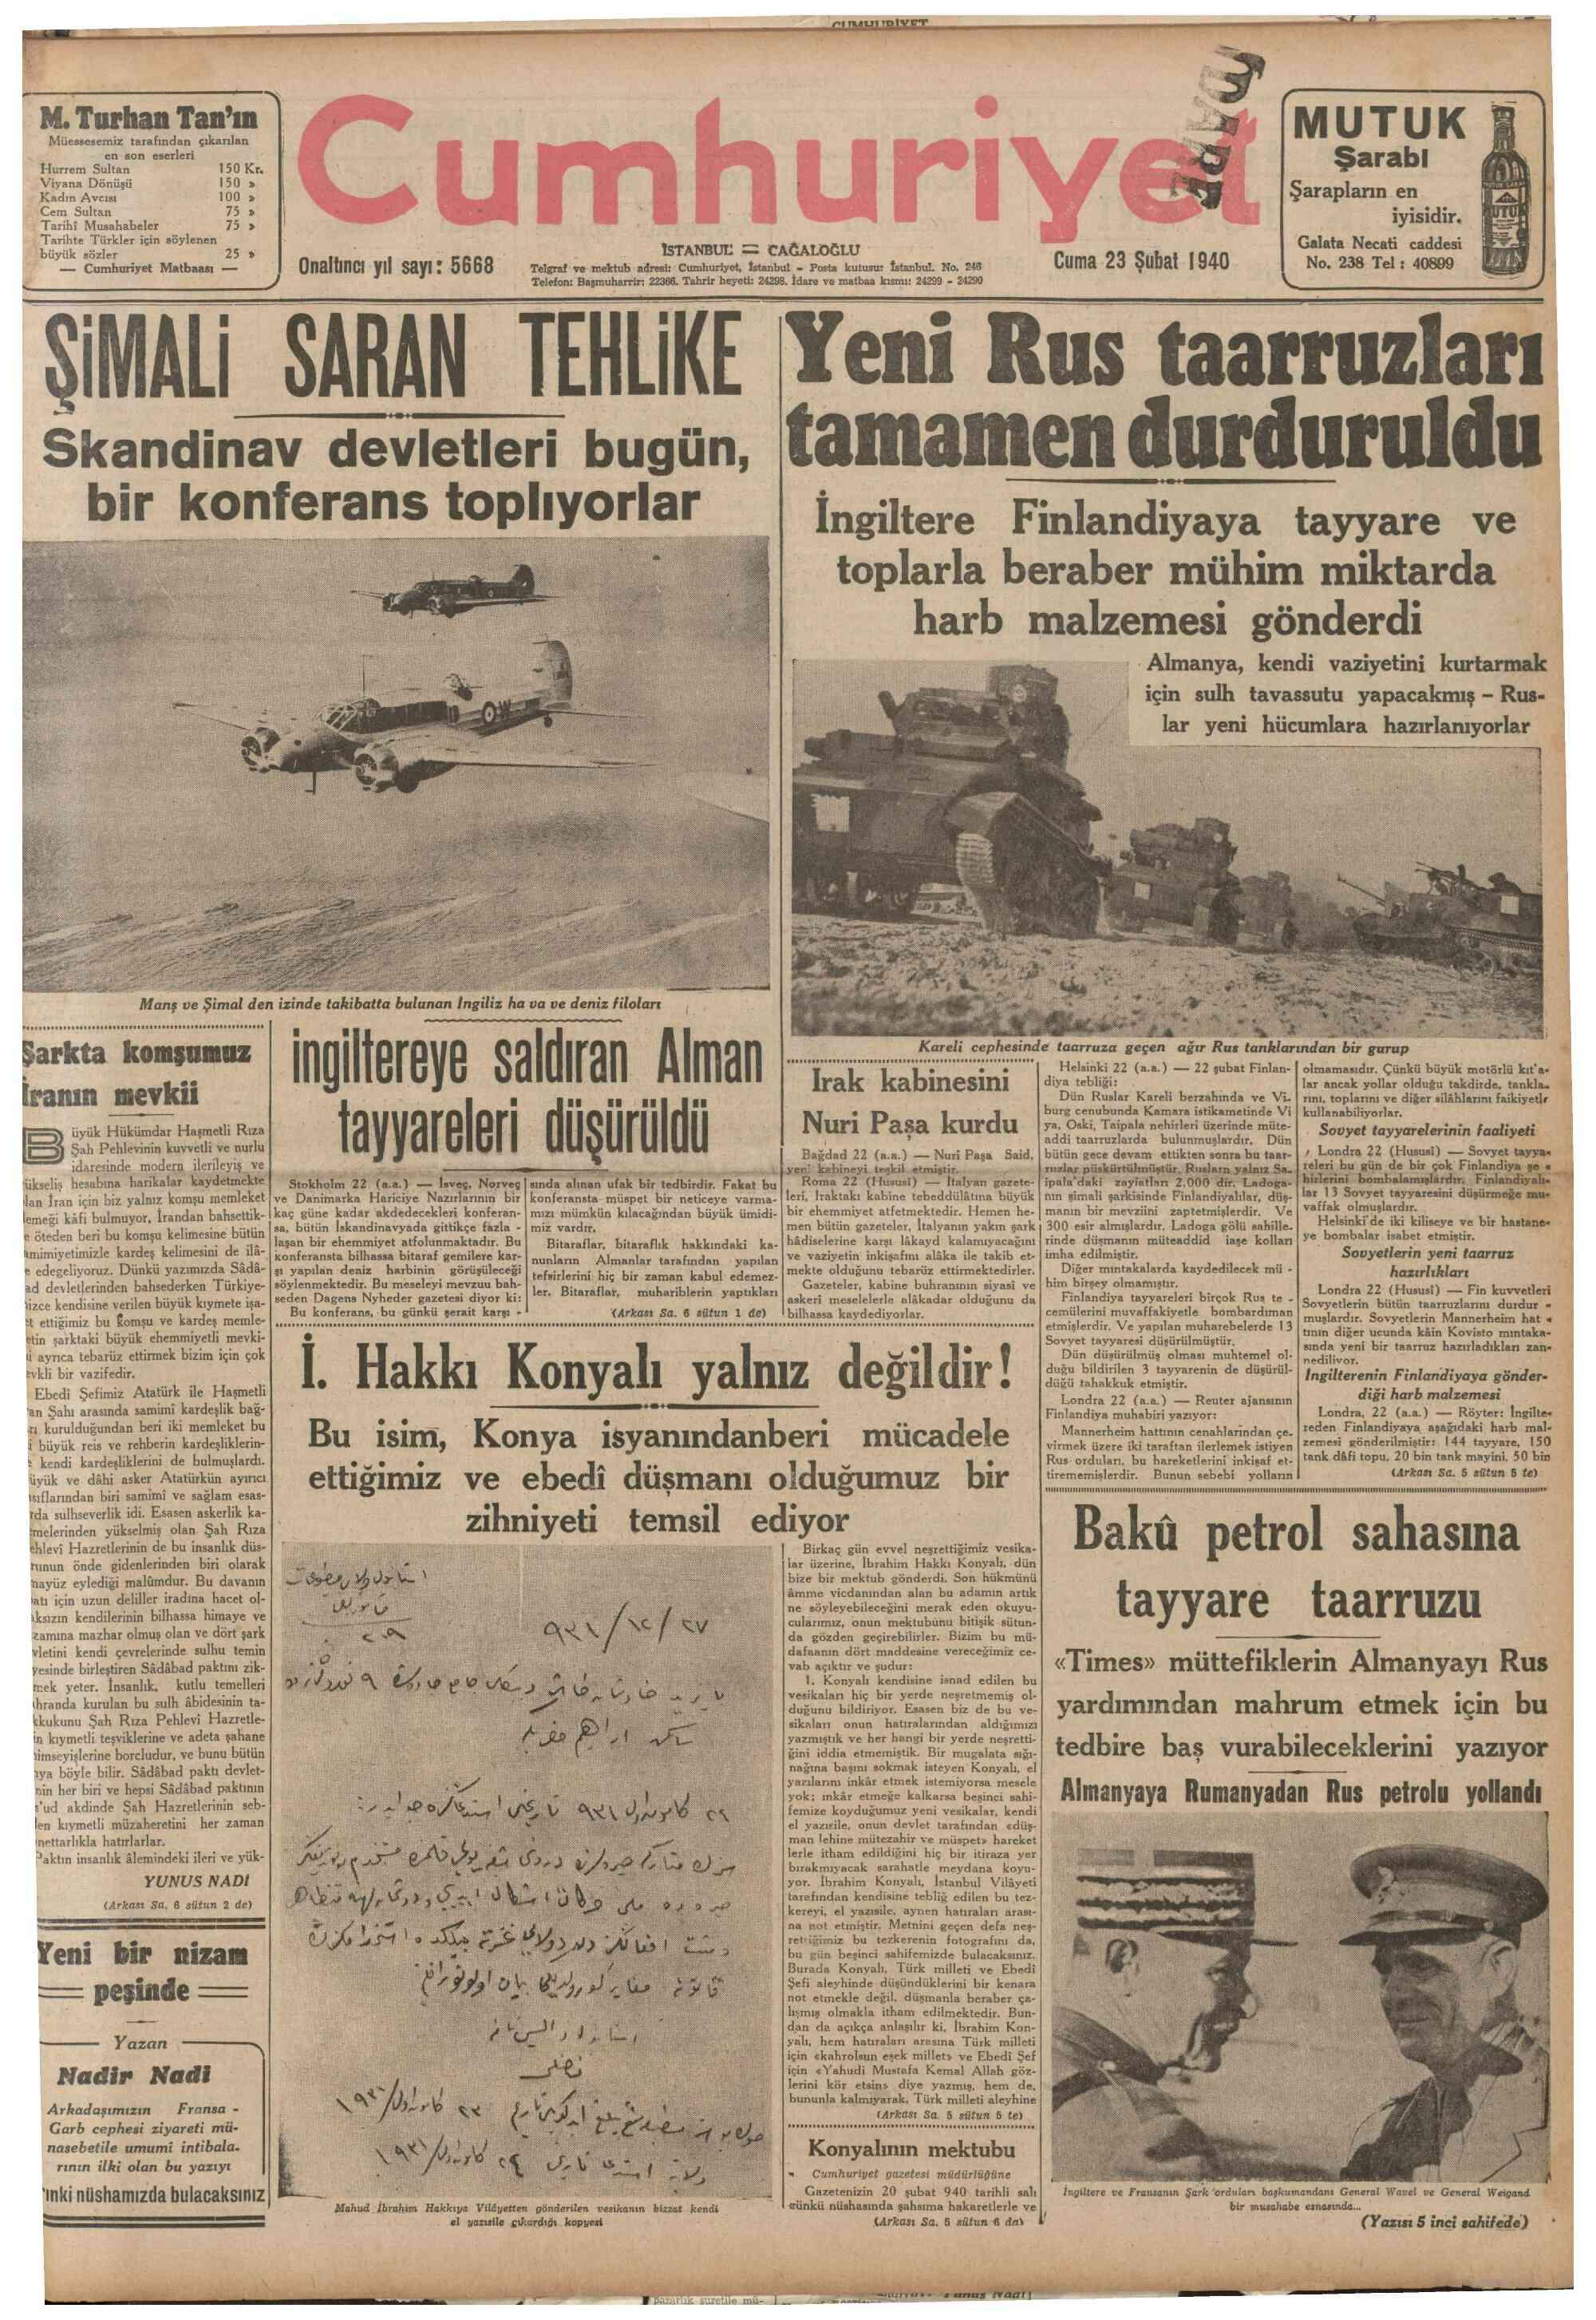 23 Şubat 1940 Tarihli Cumhuriyet Gazetesi Sayfa 1